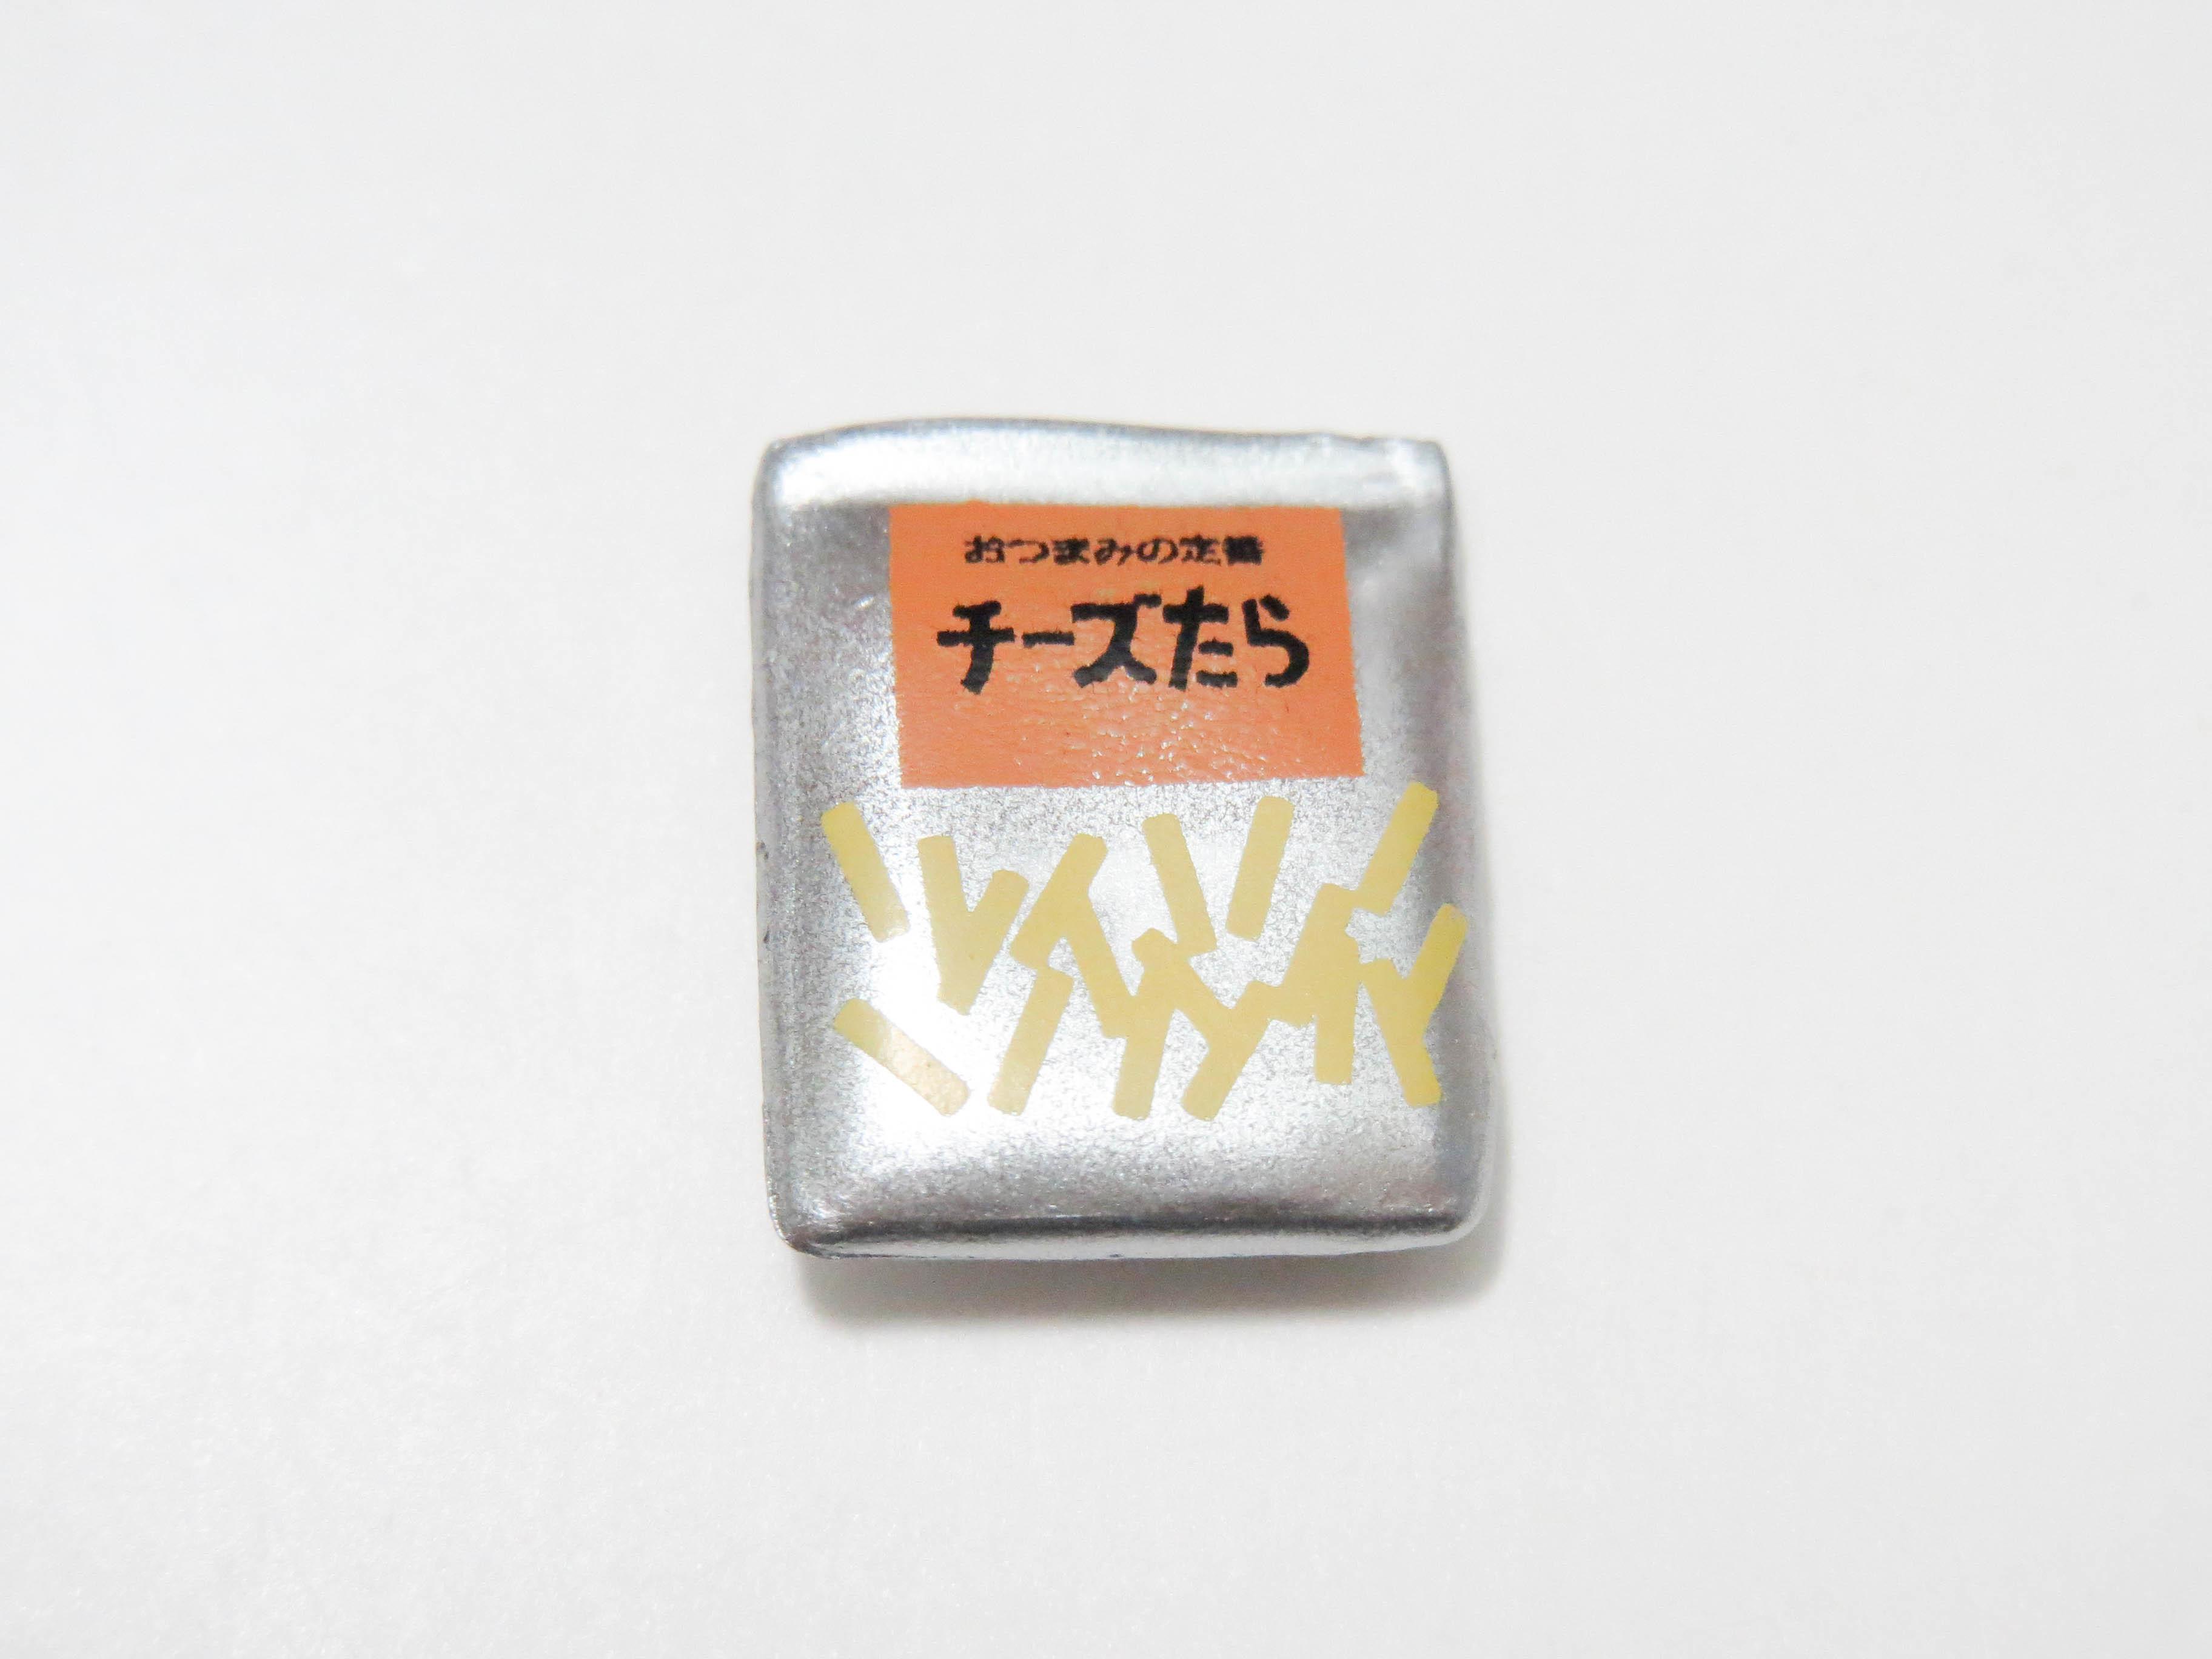 【524】 うまる 小物パーツ チーズたら ねんどろいど